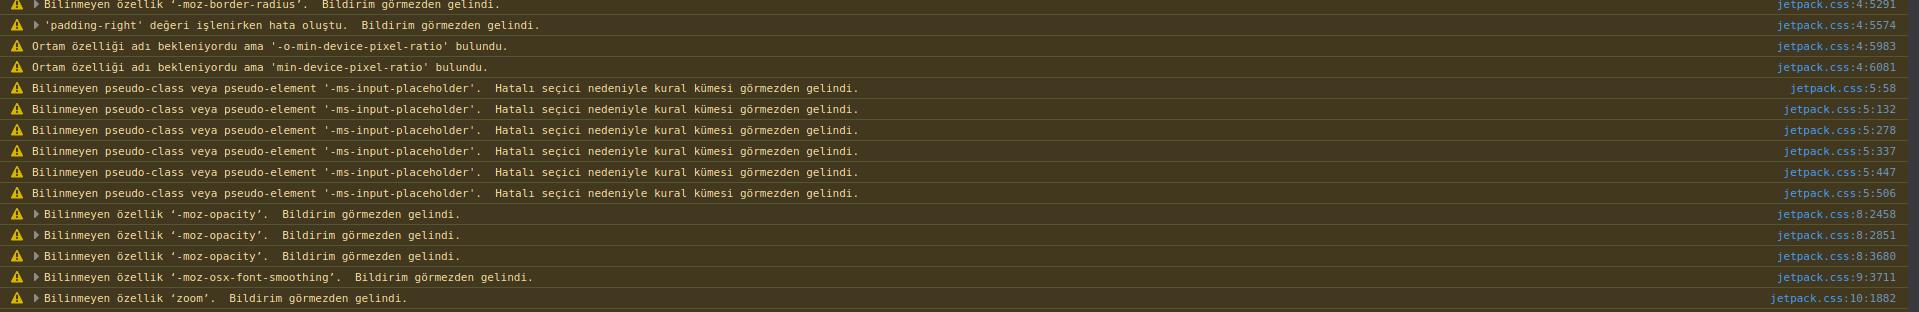 ChromeDevToolsiçerisindeJavaScripthatalarını veya uyarılarını gördüğümüz konsol